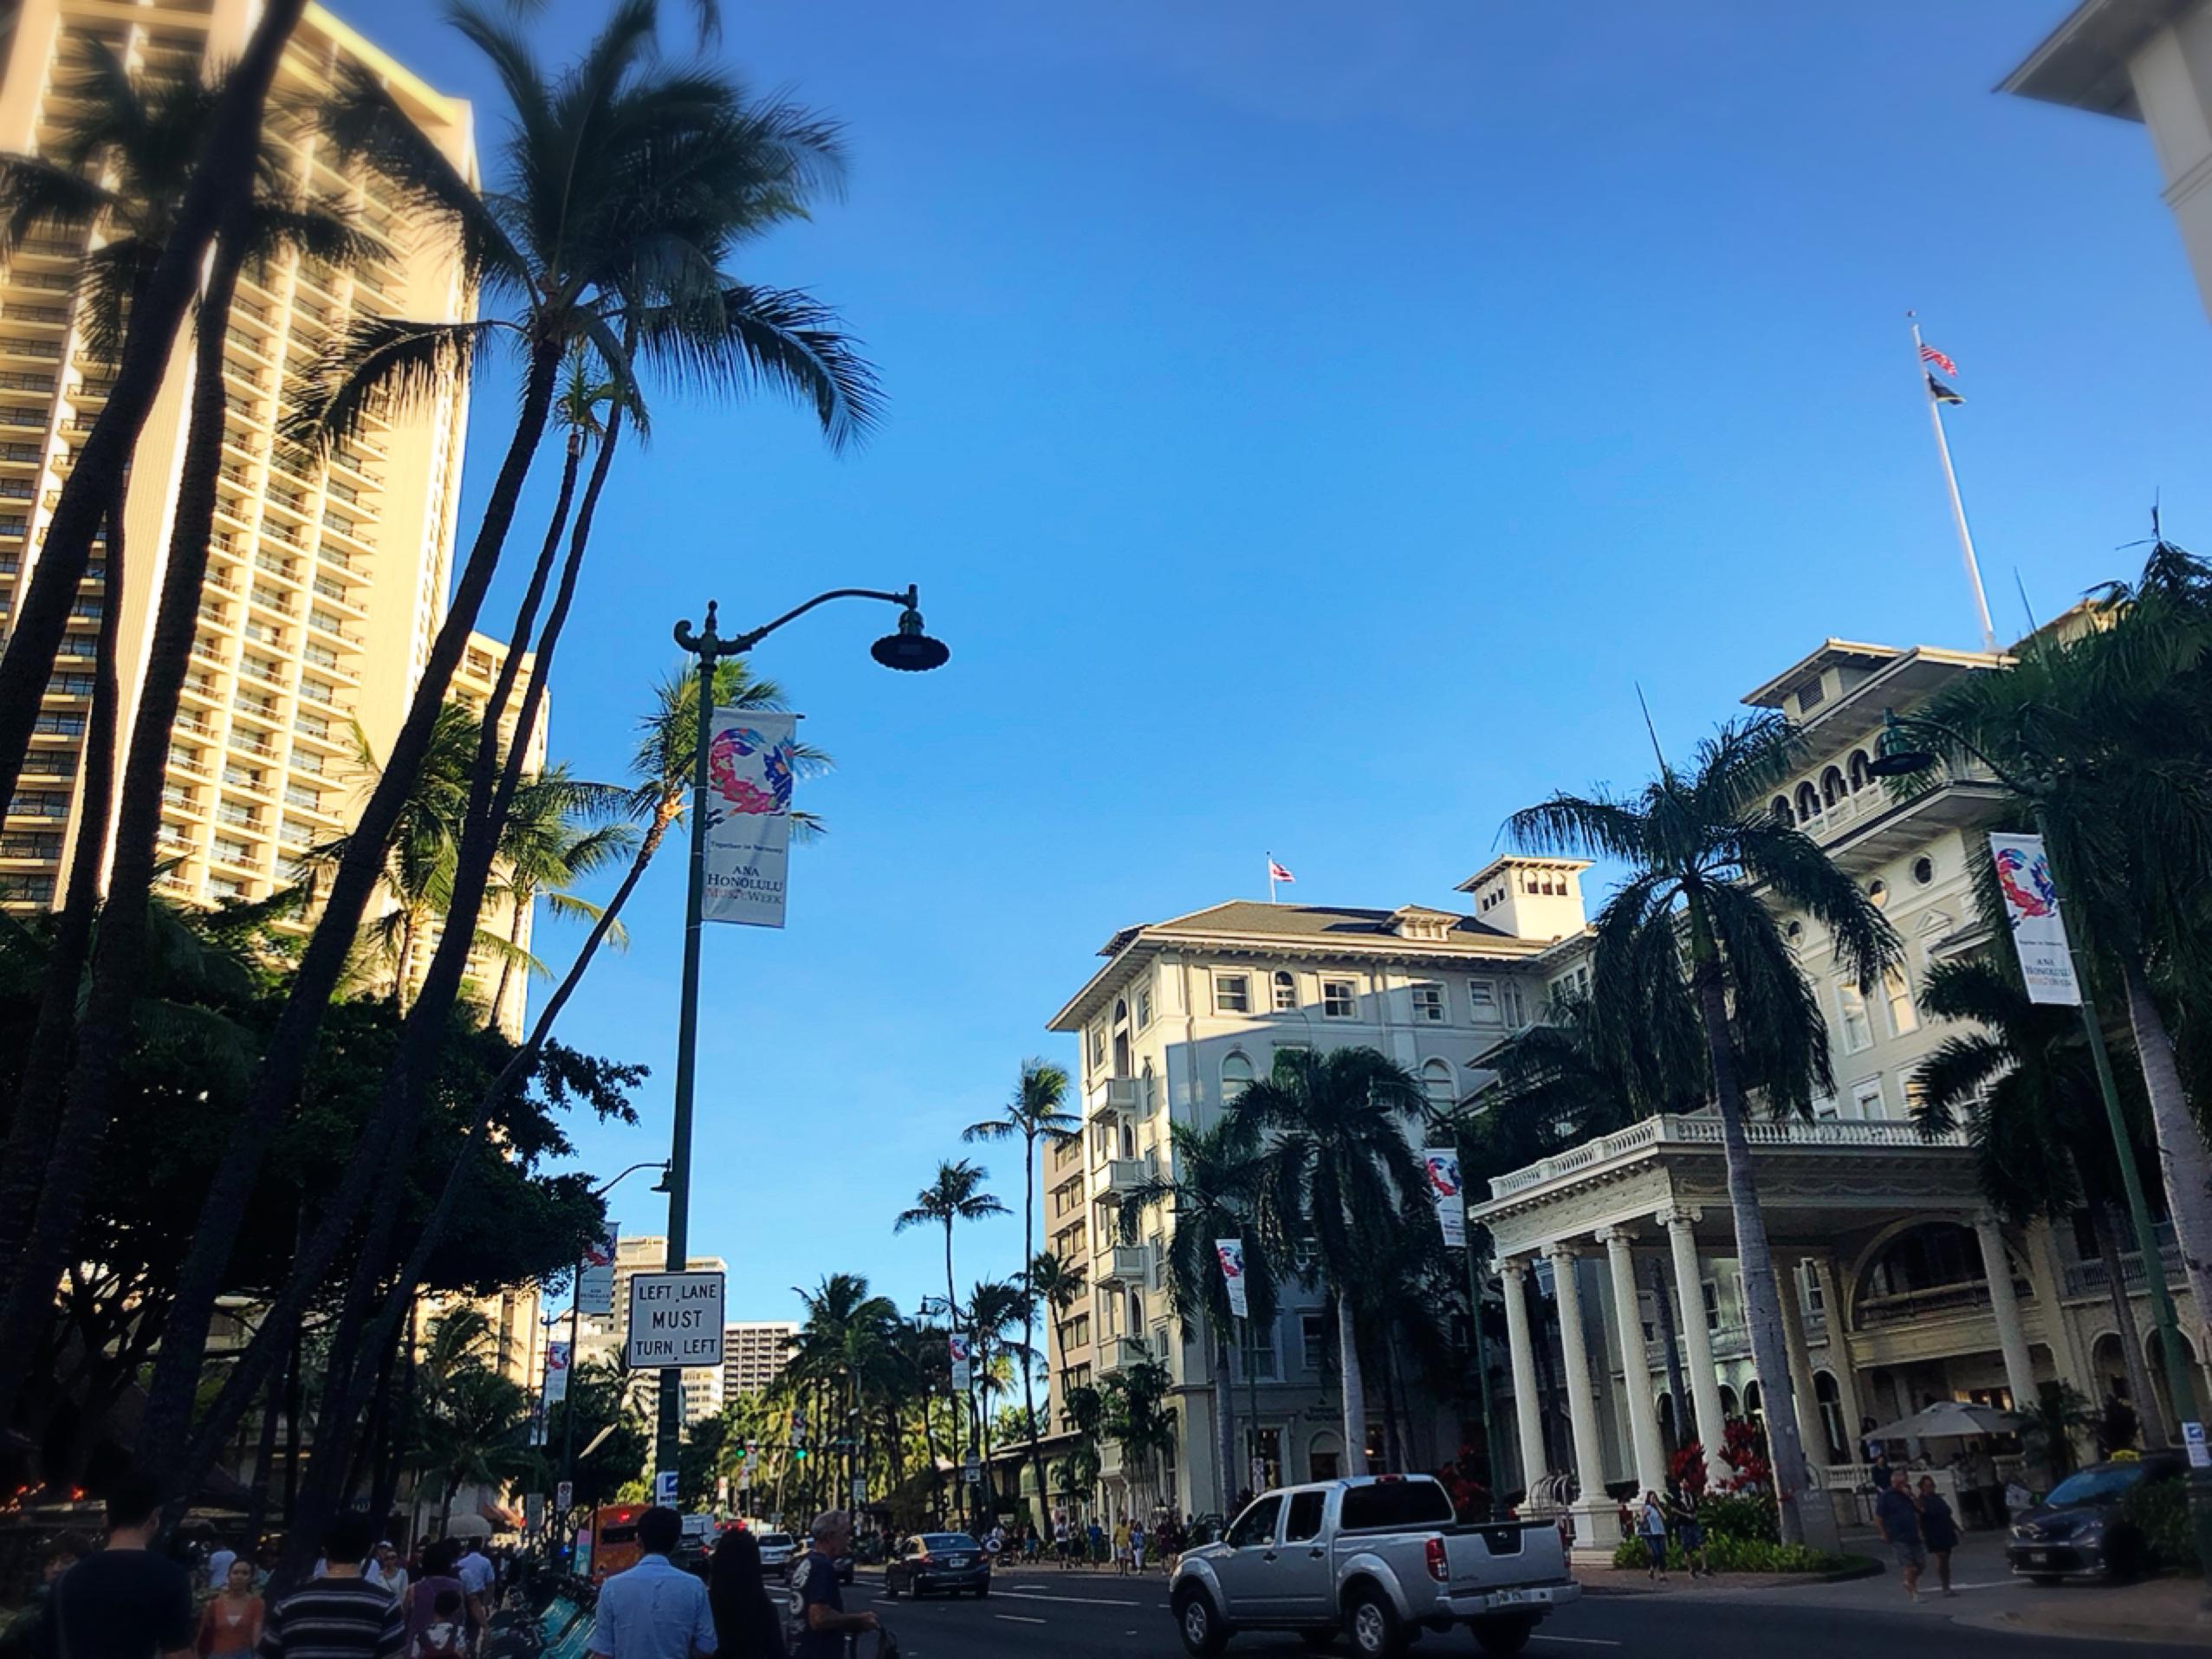 【#HAWAII】#1 写真で一緒に旅行気分を味わいませんか(๑>◡<๑)?旅行自粛解禁したらもう一度行きたいcafeをシェアします♩_7